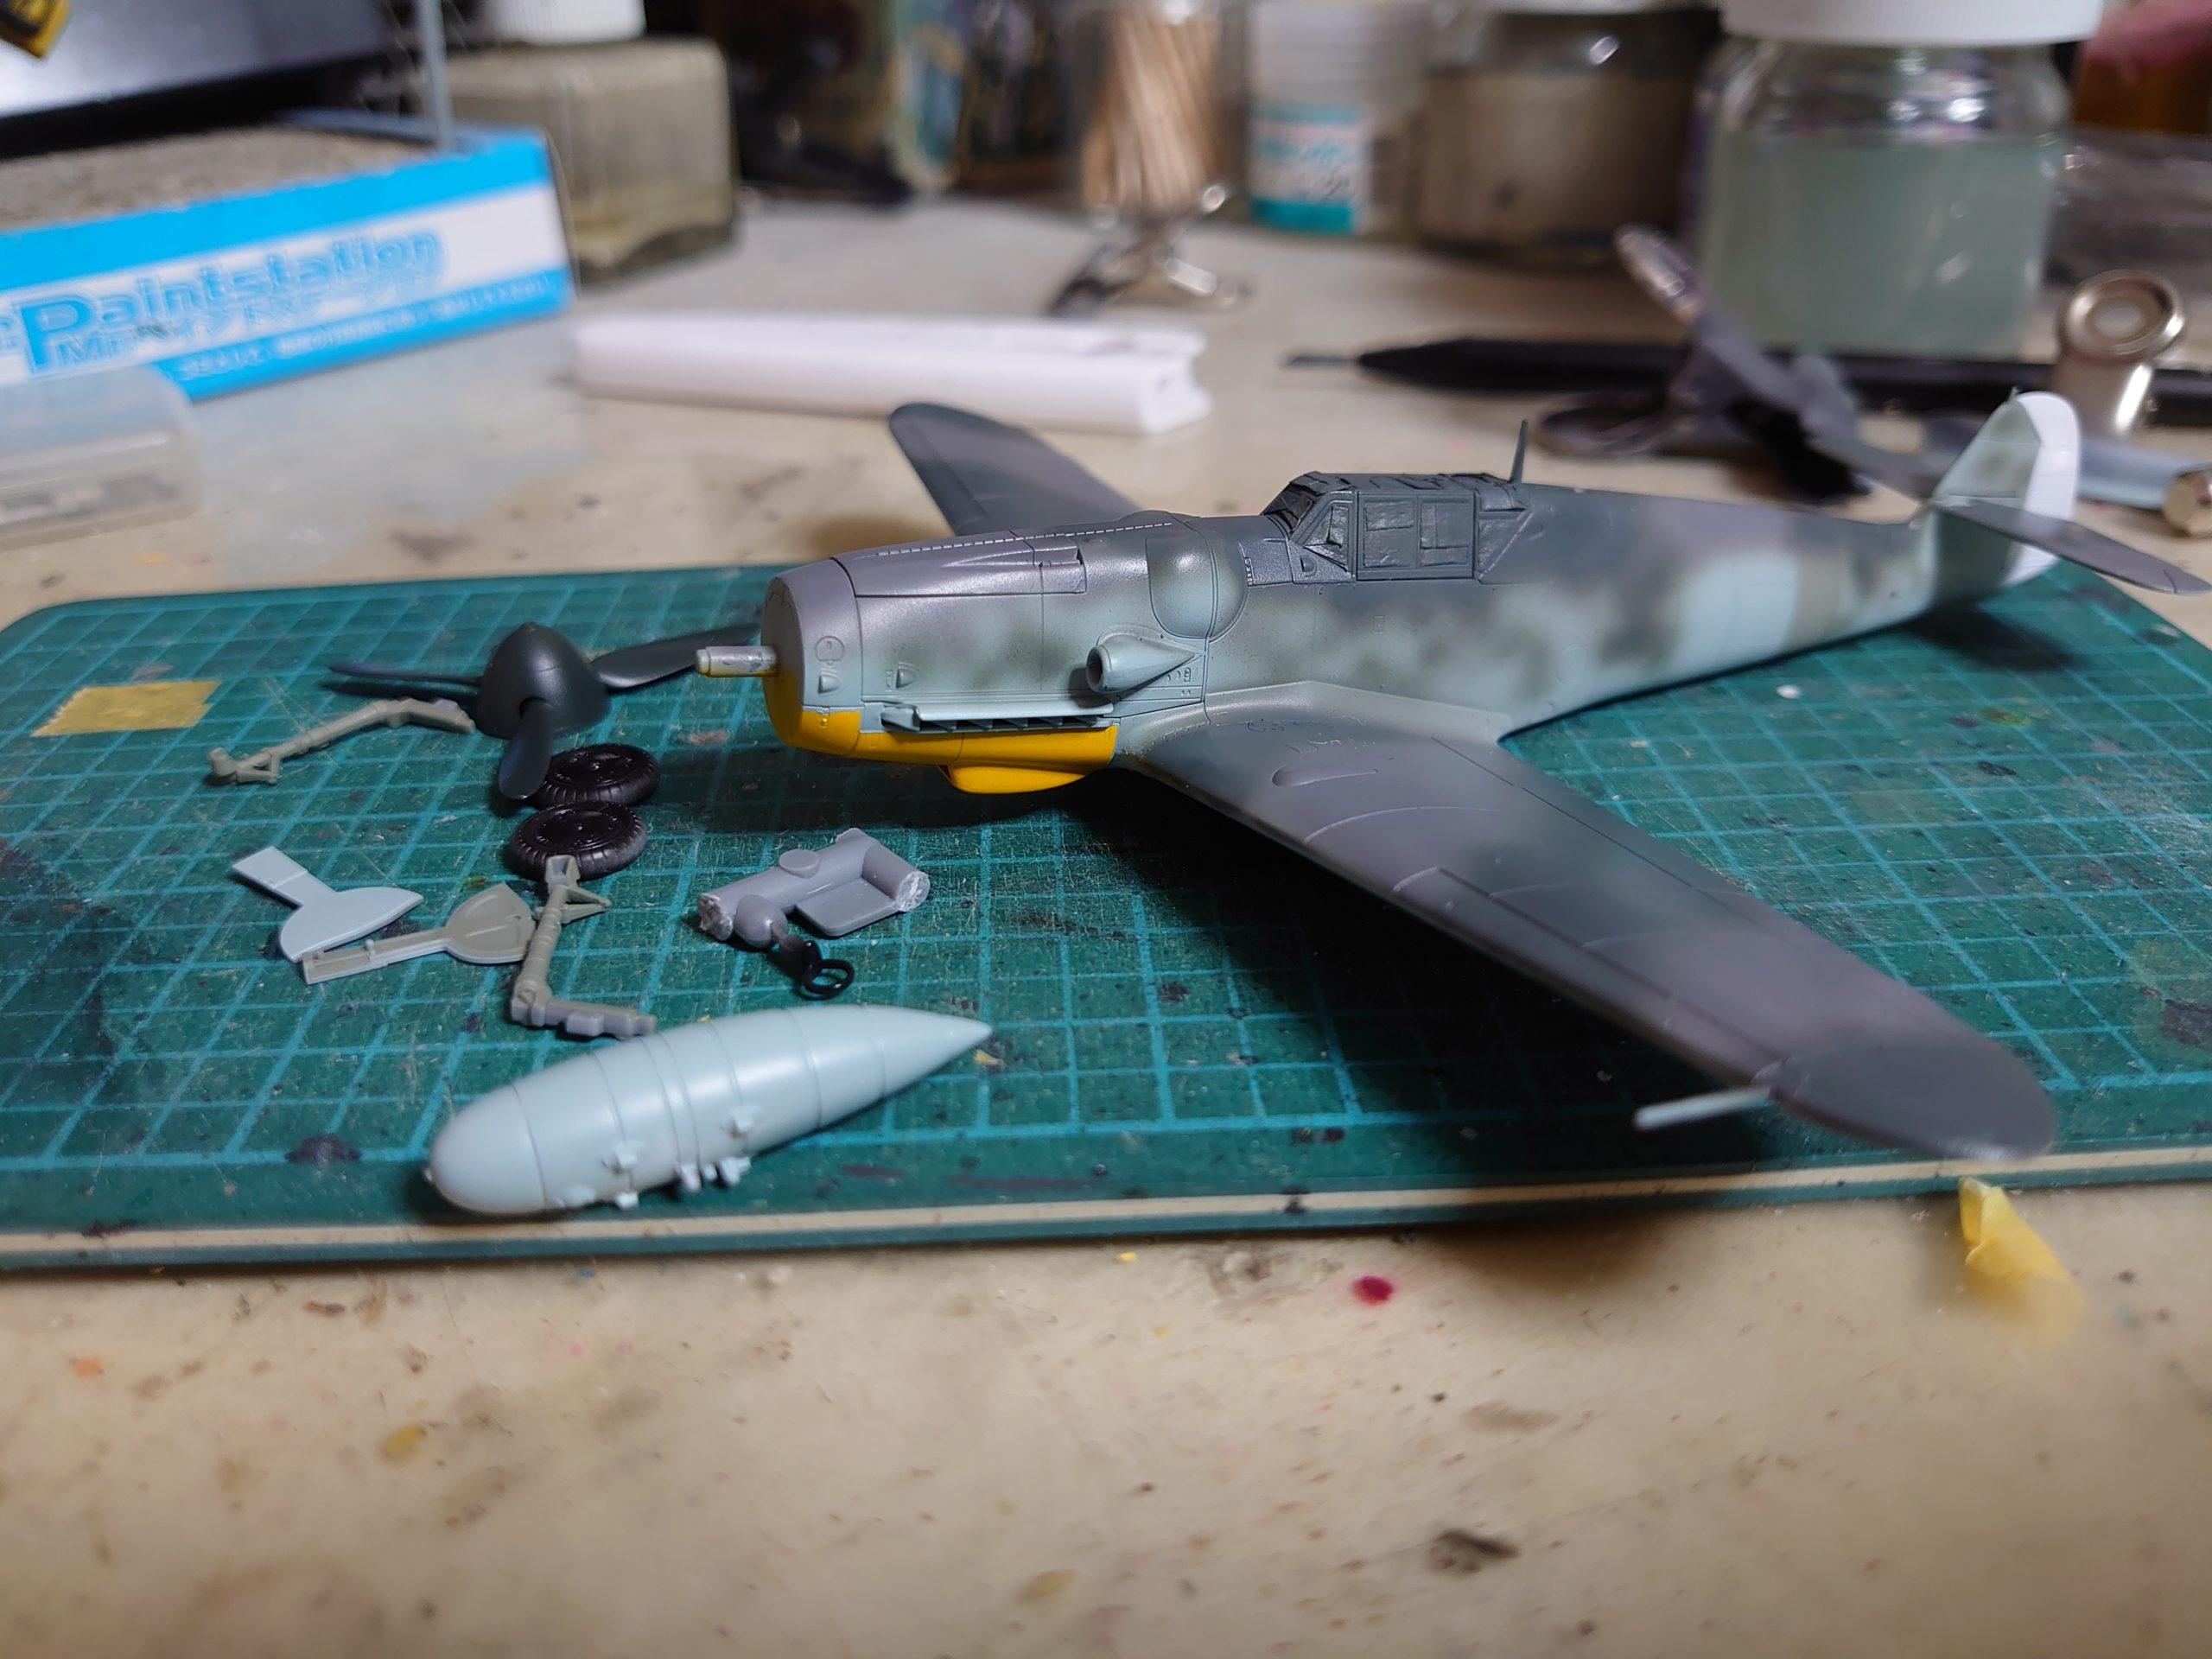 タミヤ Bf109G-6 塗装